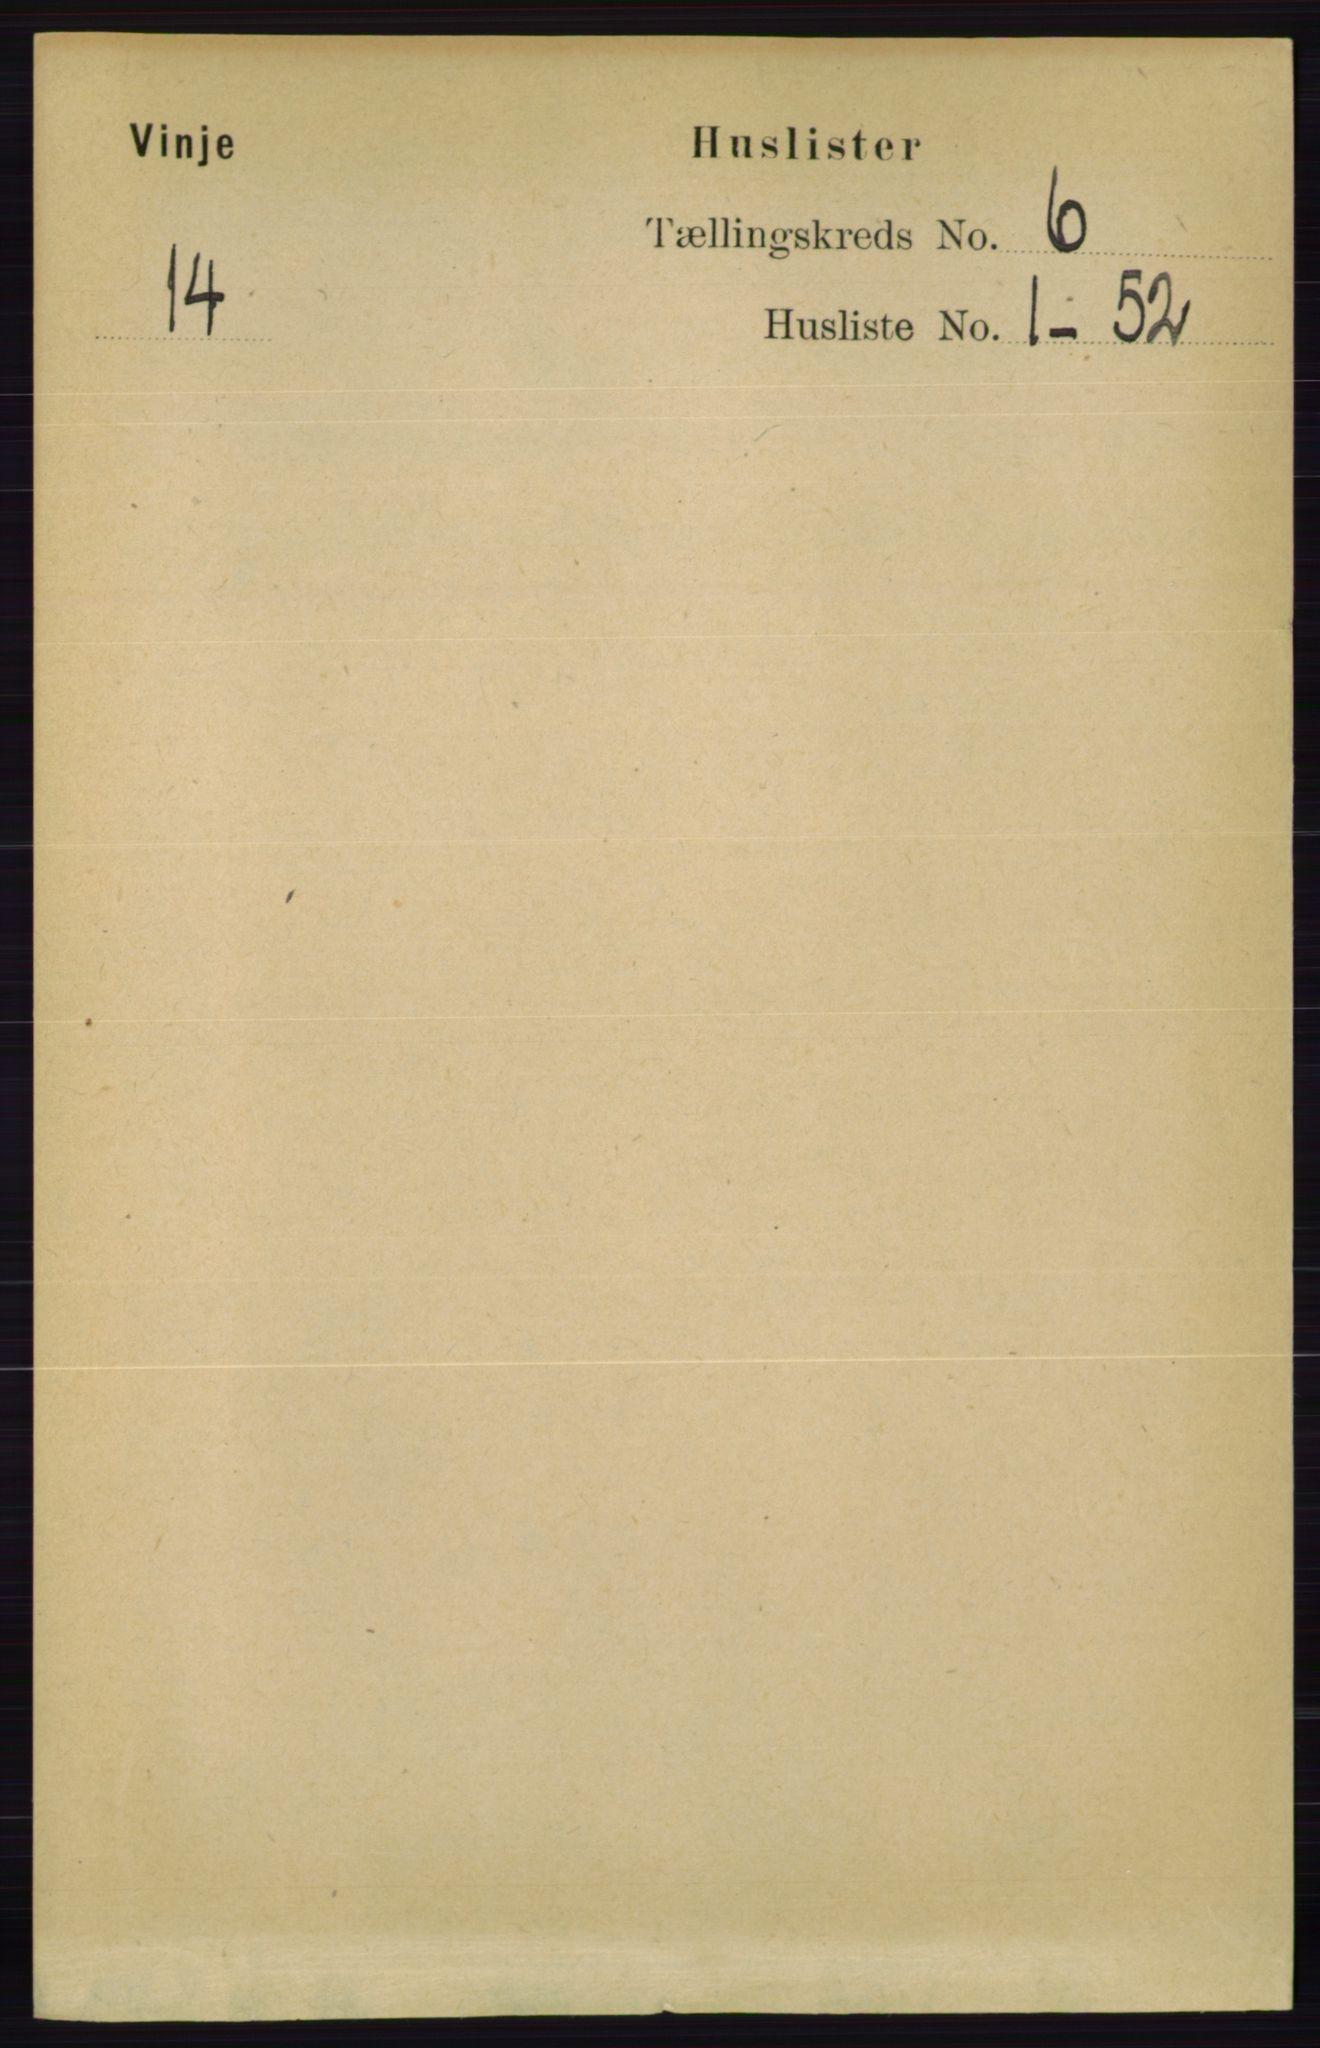 RA, Folketelling 1891 for 0834 Vinje herred, 1891, s. 1356